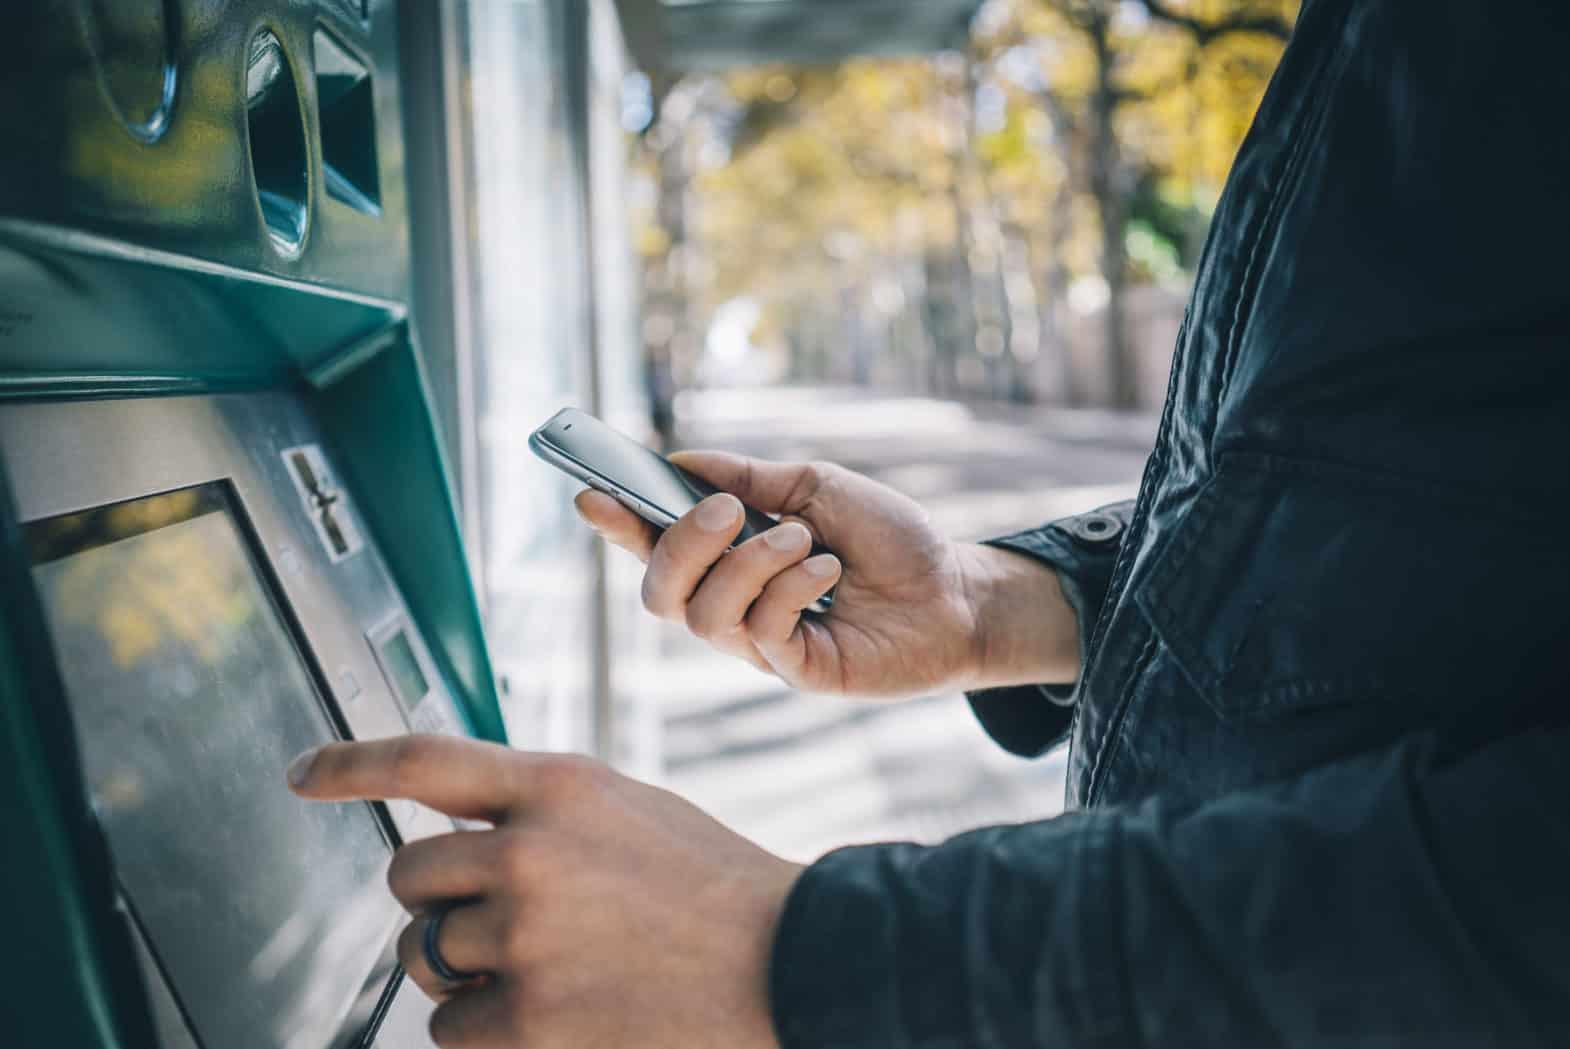 vor einem Bankautomat steht ein Mann der gerade eine Auswahl trifft. Er hat sein Handy in der rechten Hand.